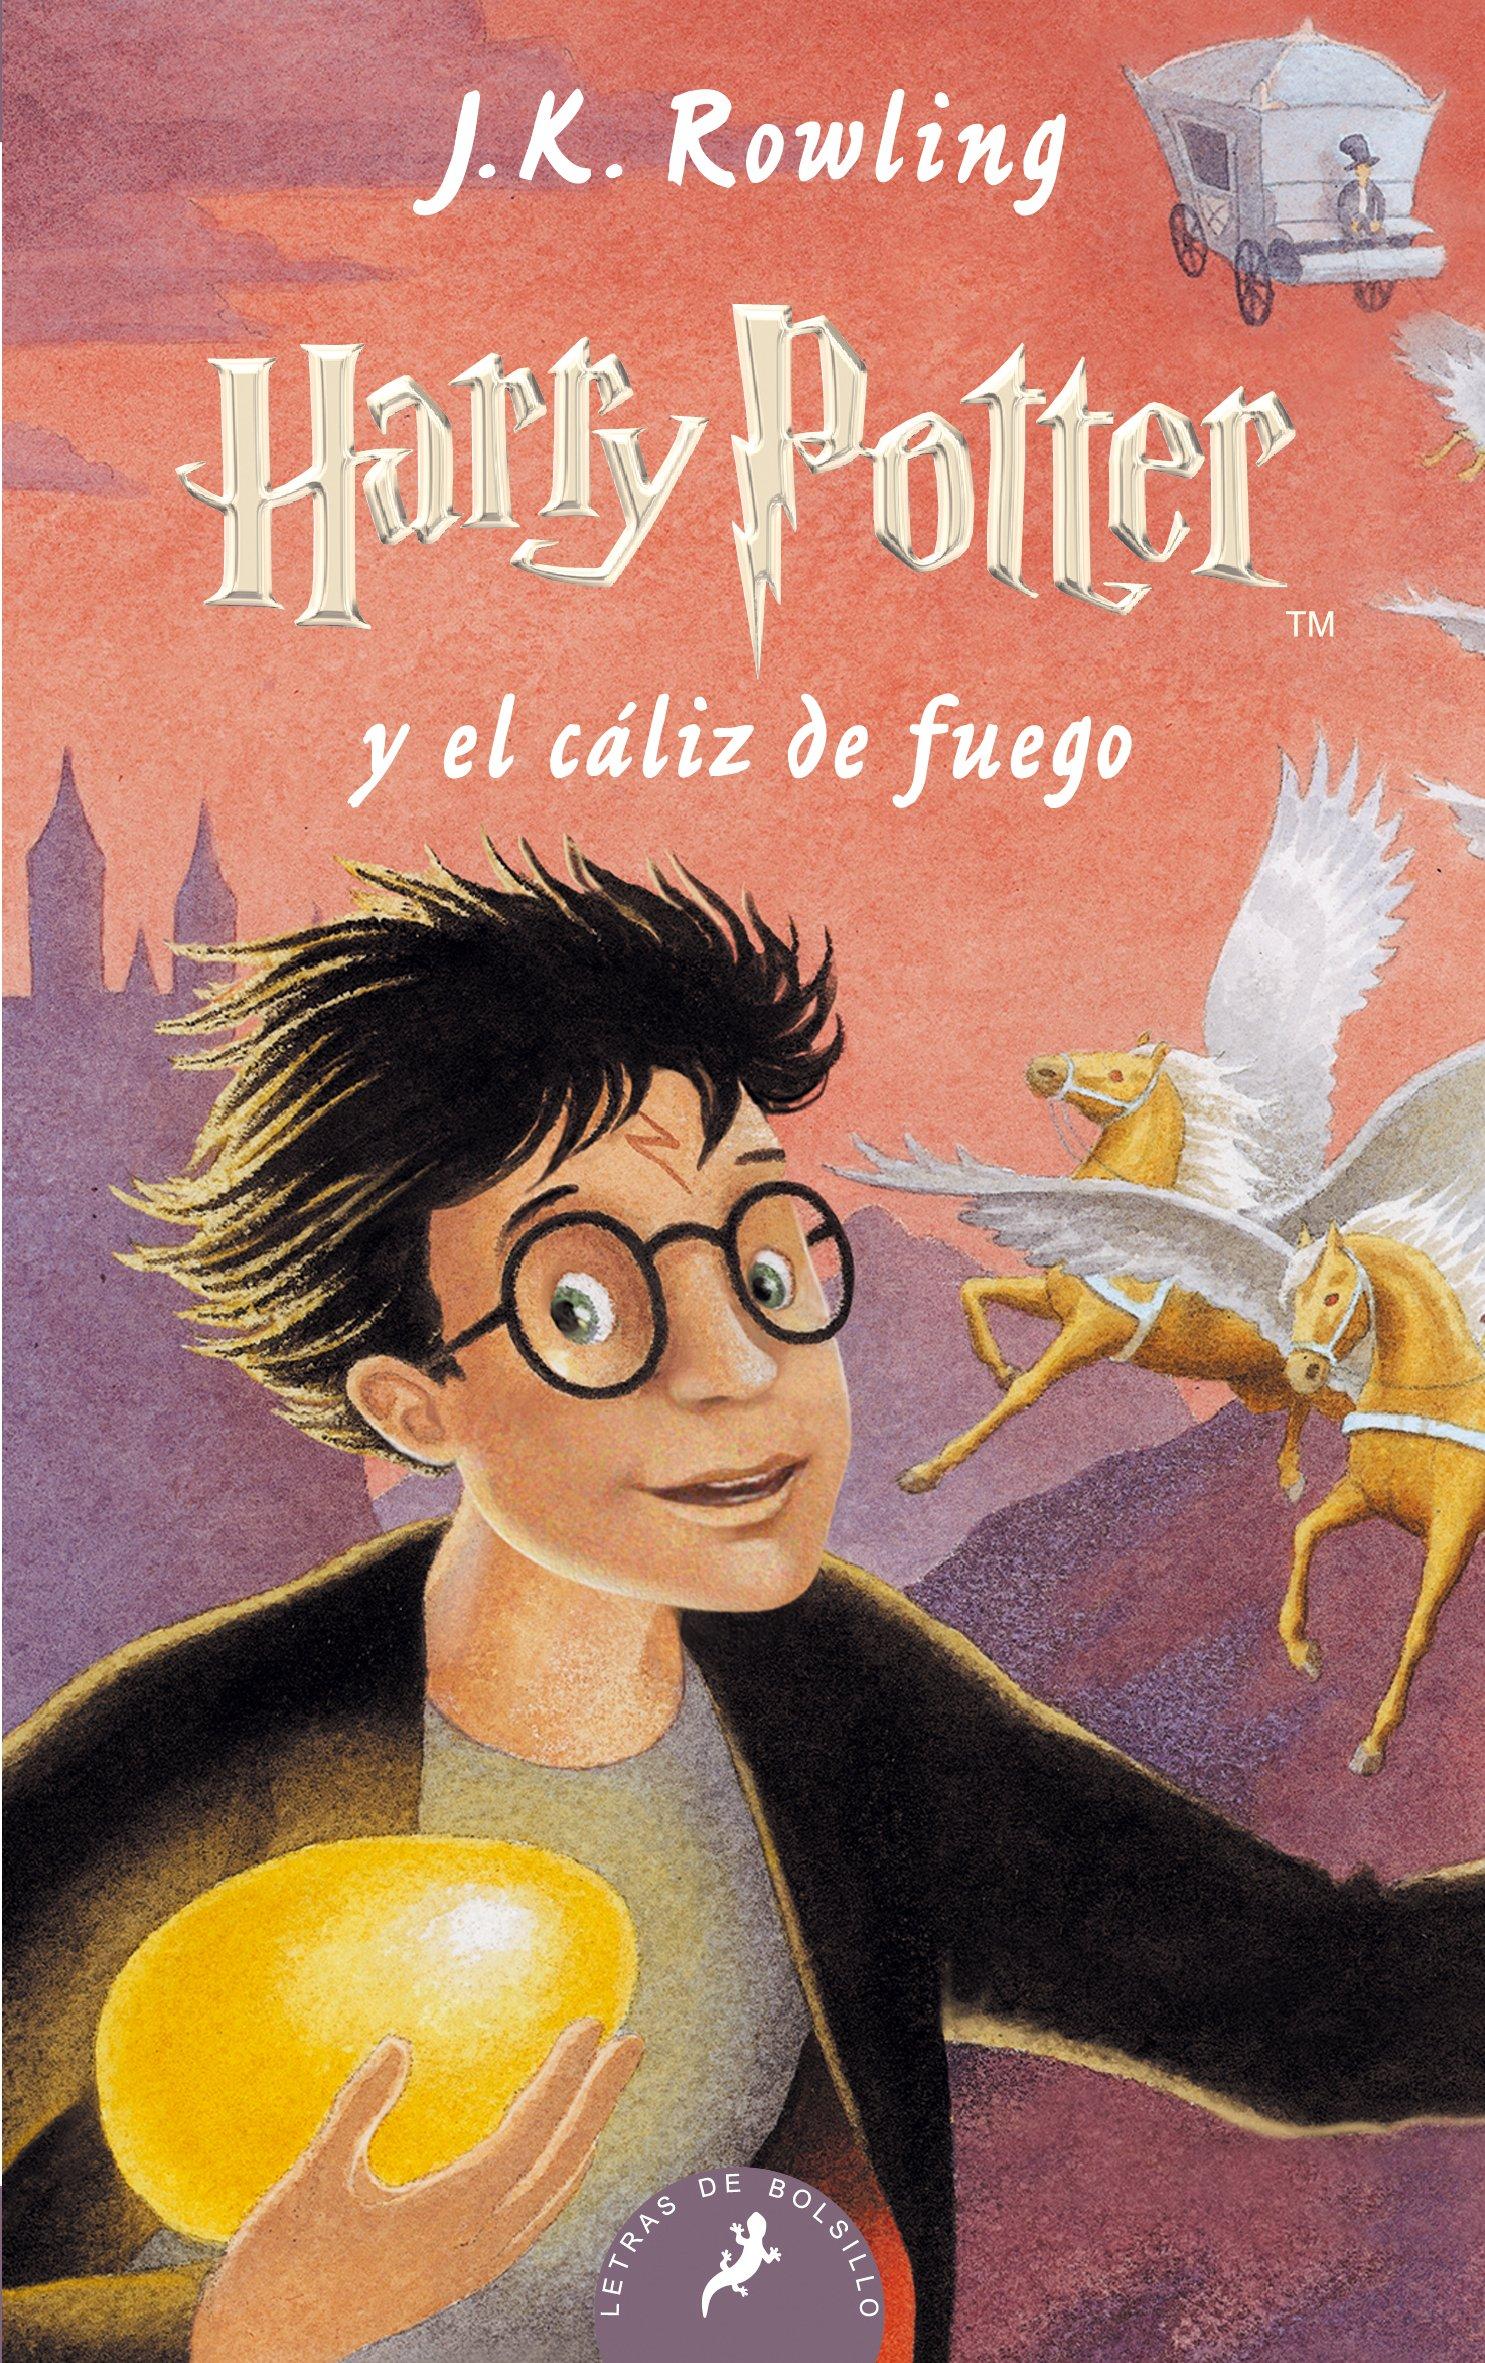 Read Online Harry Potter - Spanish: Harry Potter Y El Caliz De Fuego - Paperback (Spanish Edition) PDF